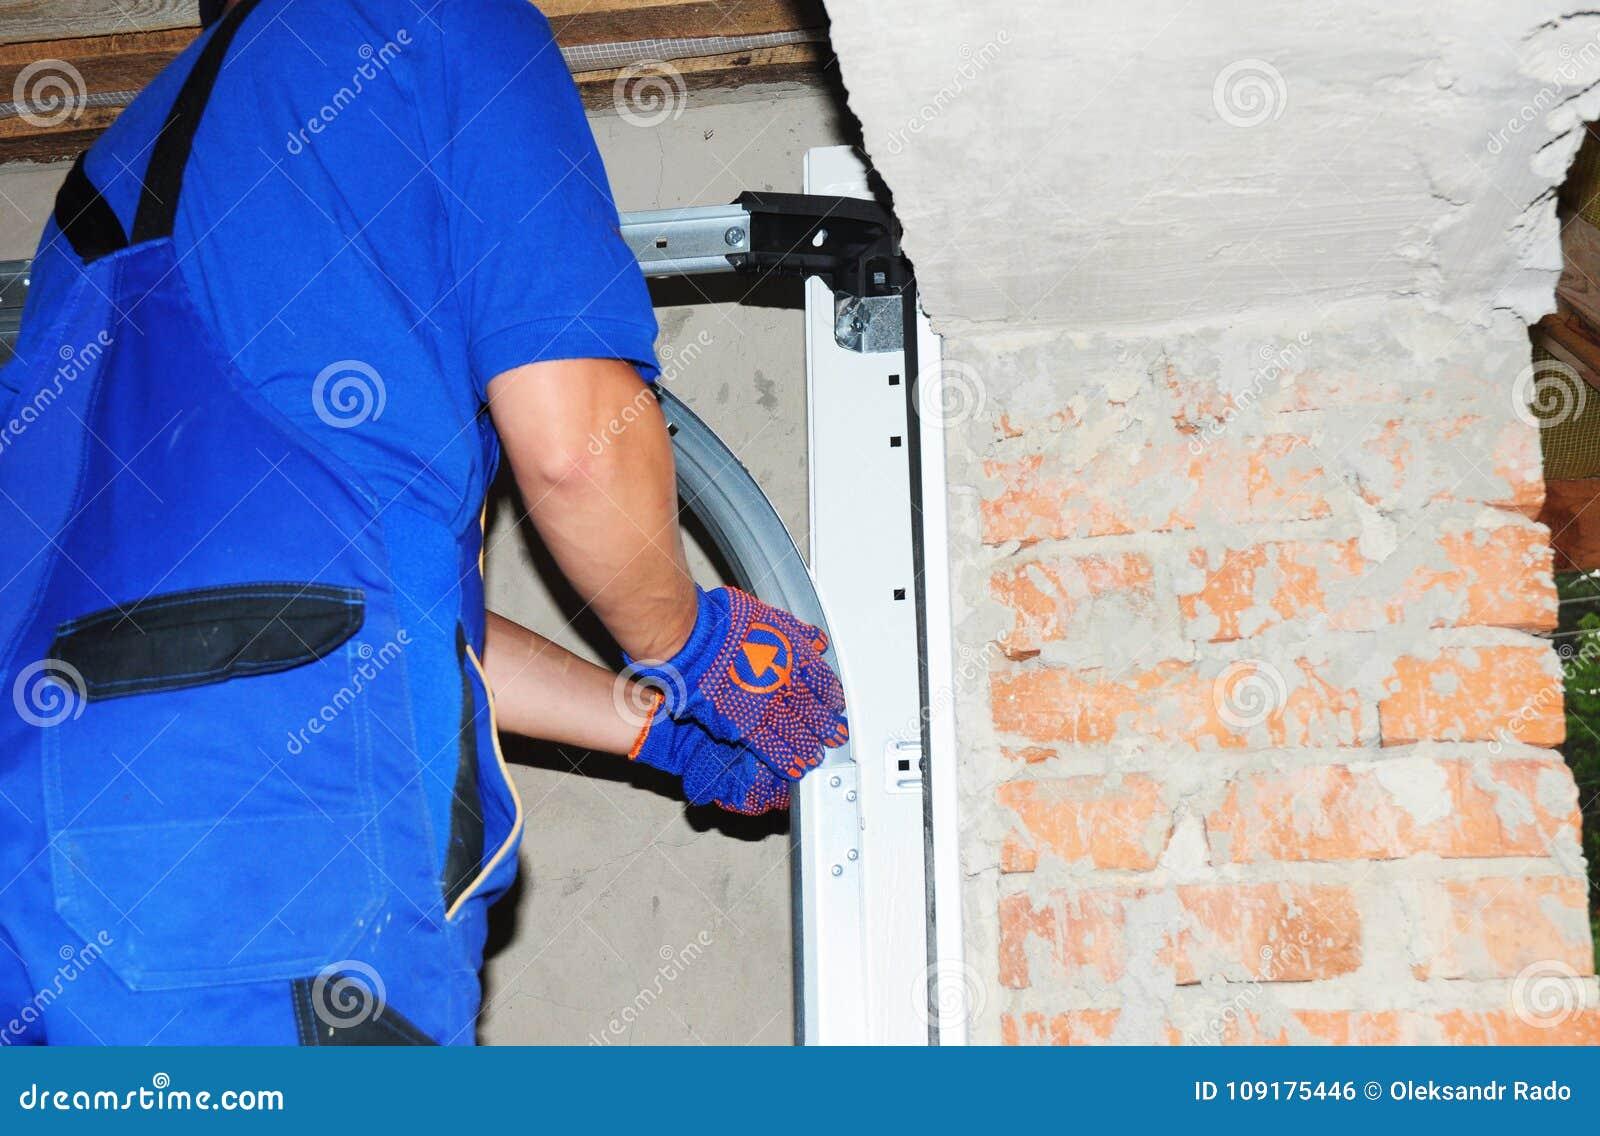 Ανάδοχος που εγκαθιστά την πόρτα γκαράζ με τη μέτρηση της ταινίας Εγκαταστήστε το σύστημα ελατηρίων ανοιχτηριών πορτών γκαράζ